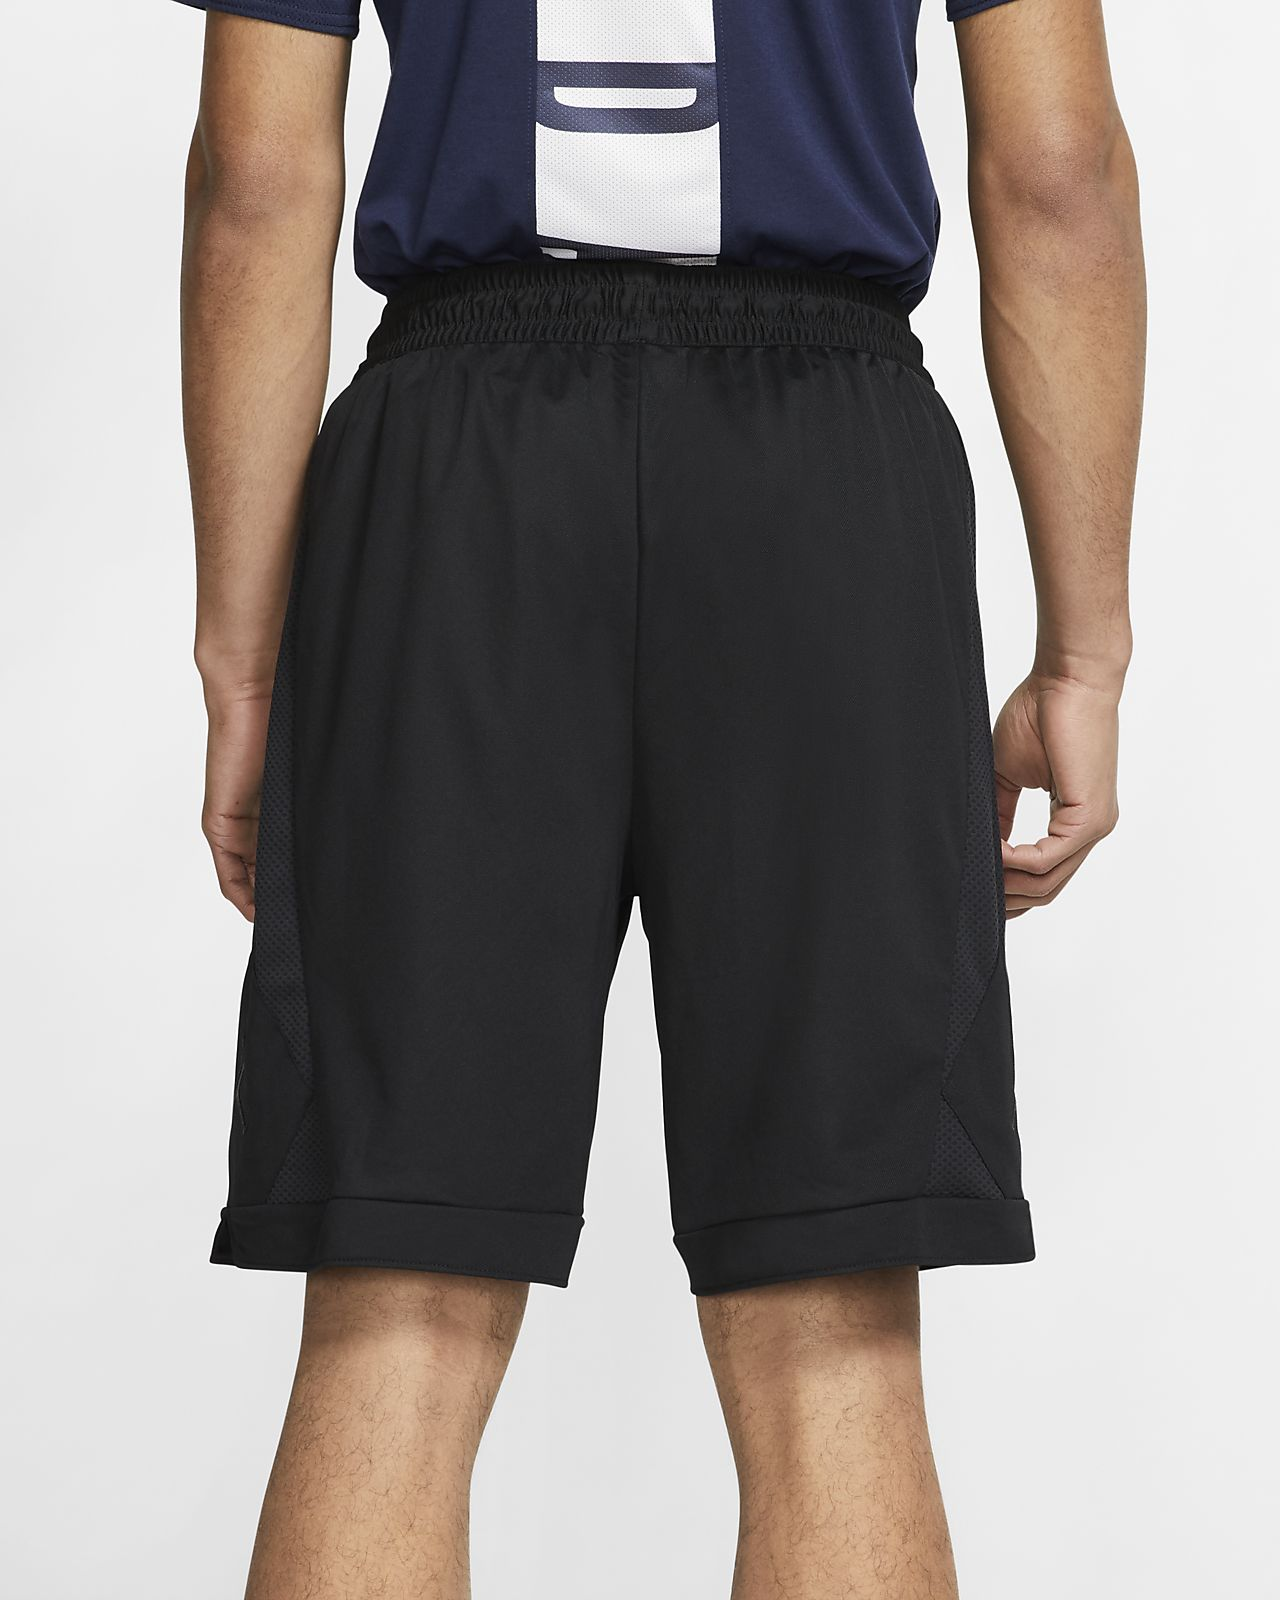 393e4d424d24e9 Jordan Authentic Triangle Men s Basketball Shorts. Nike.com